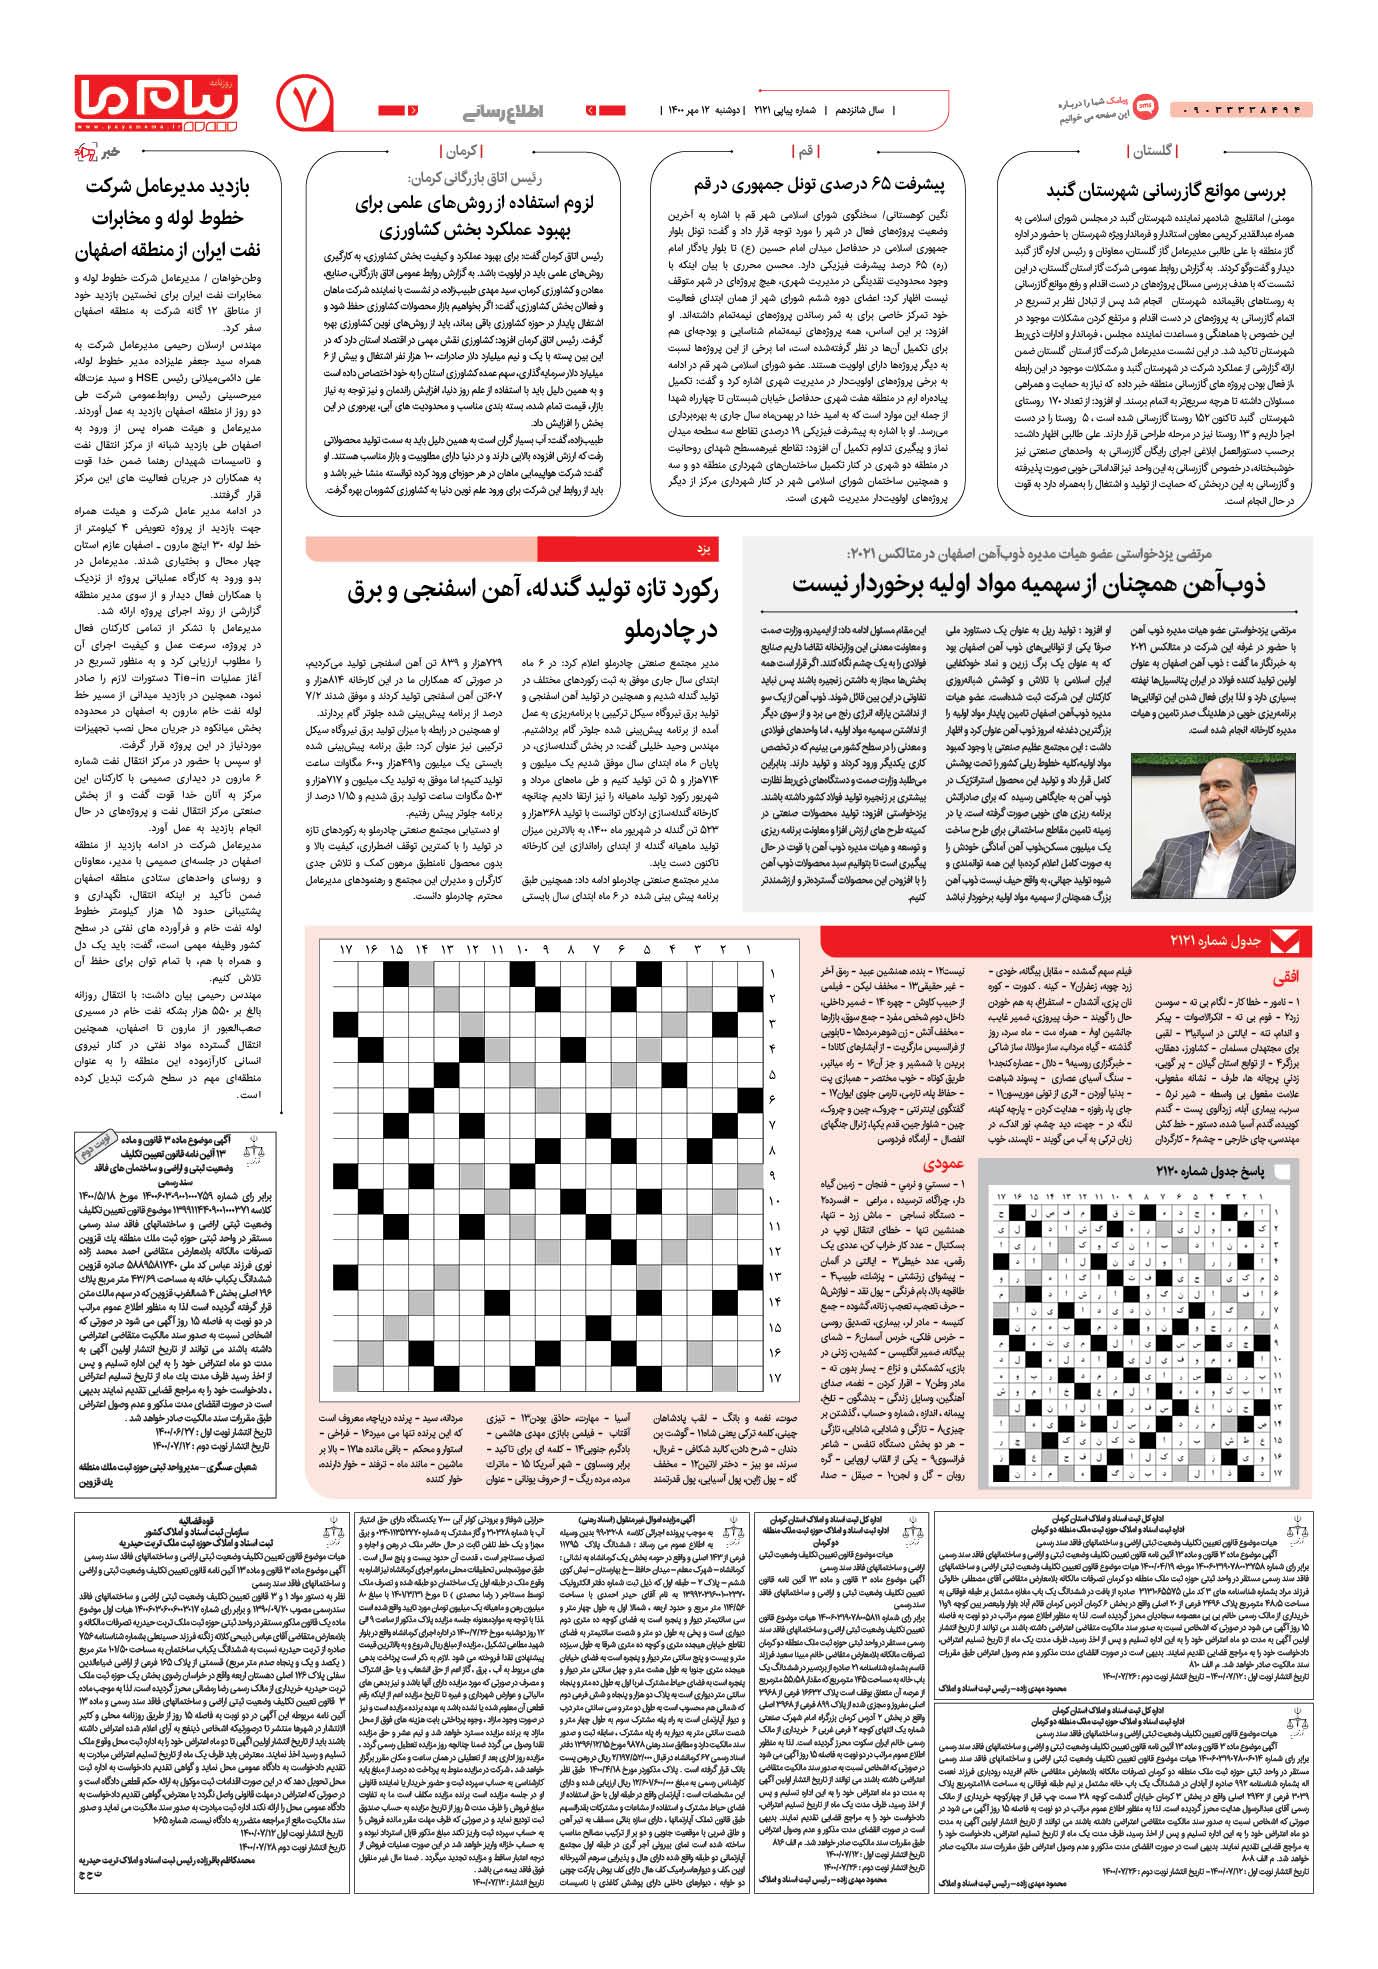 صفحه اطلاع رسانی شماره 2121 روزنامه پیام ما